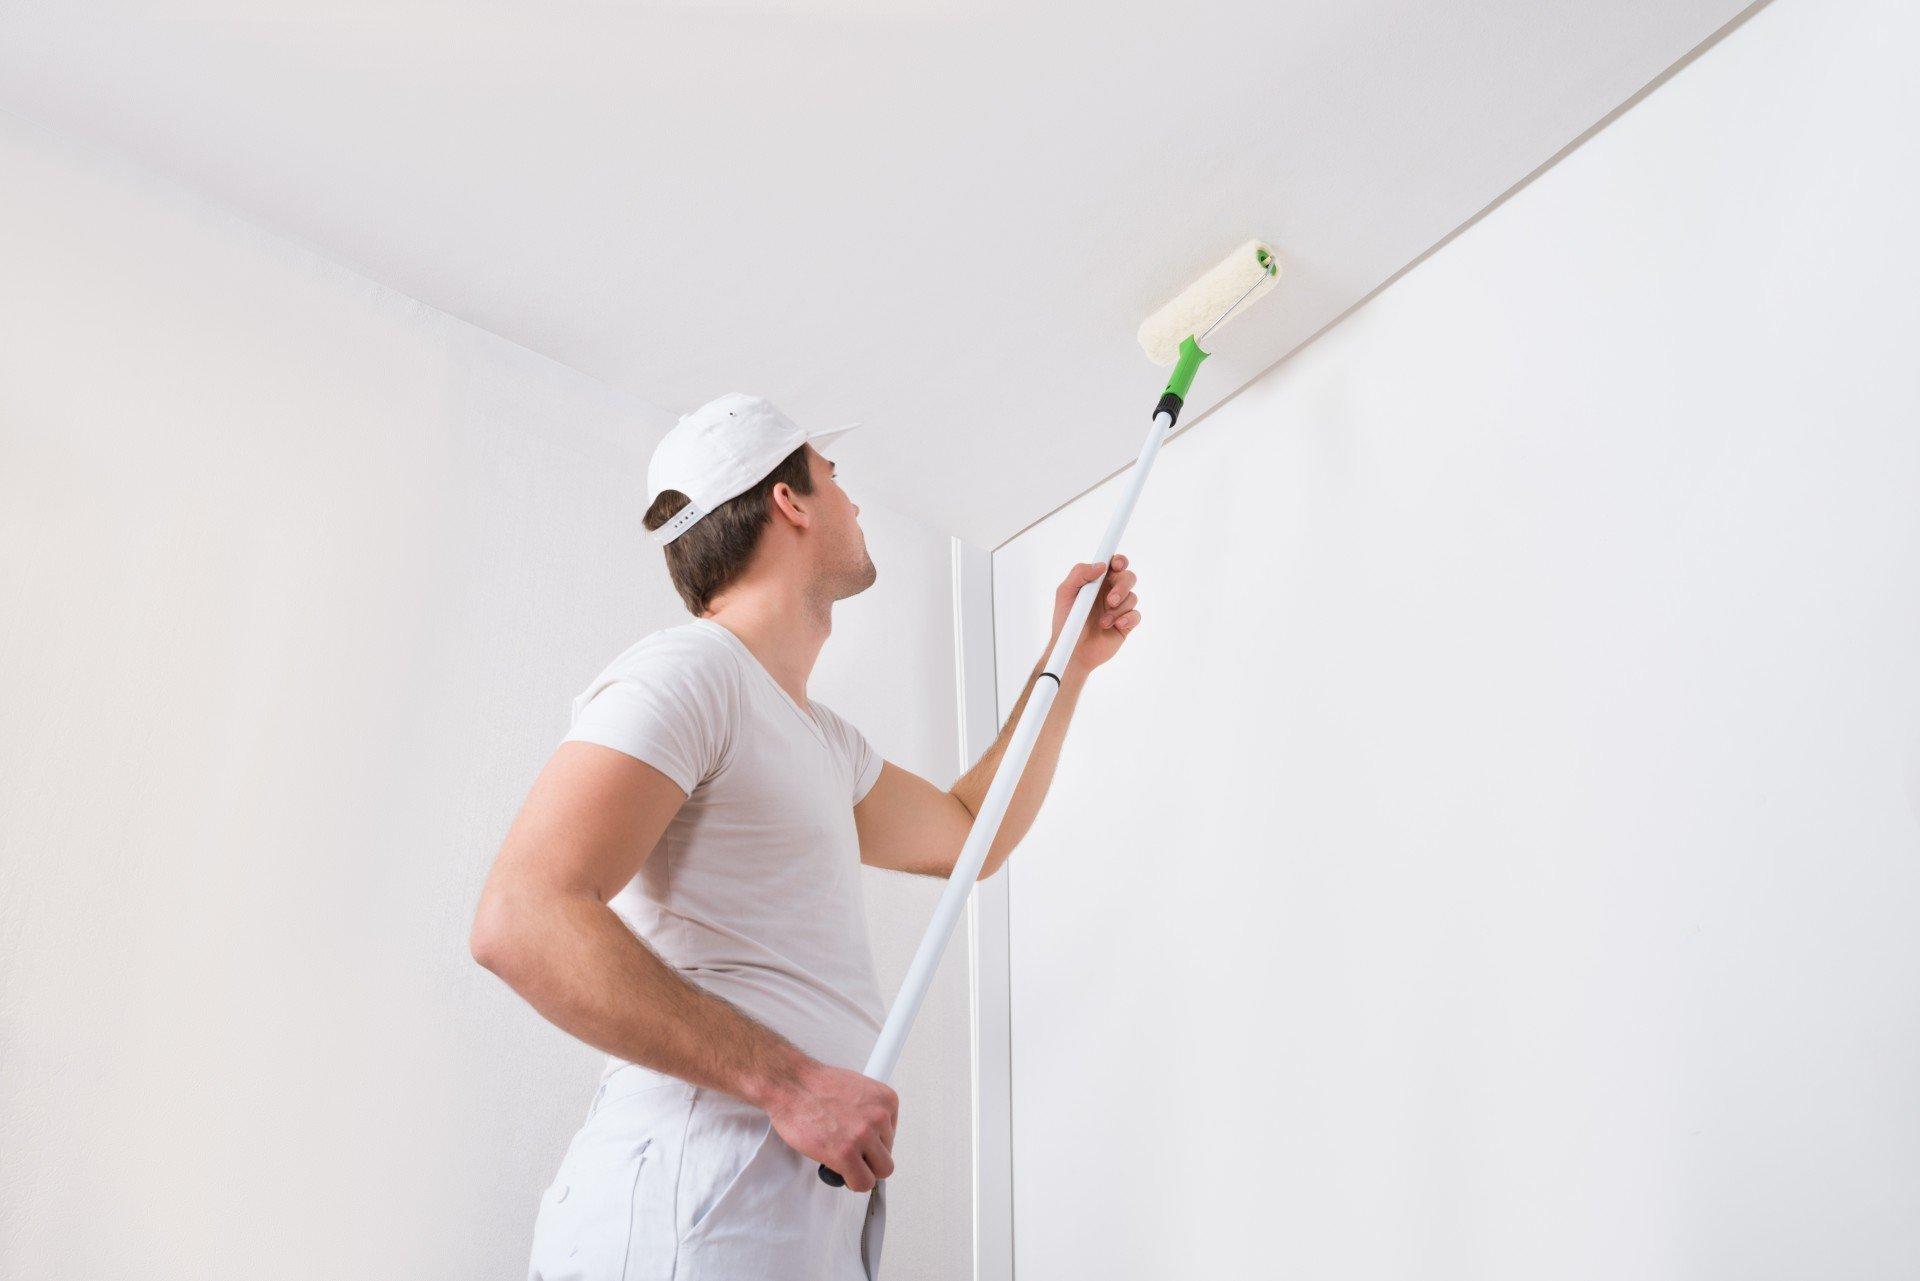 Покраска в хорошо освещенной комнате